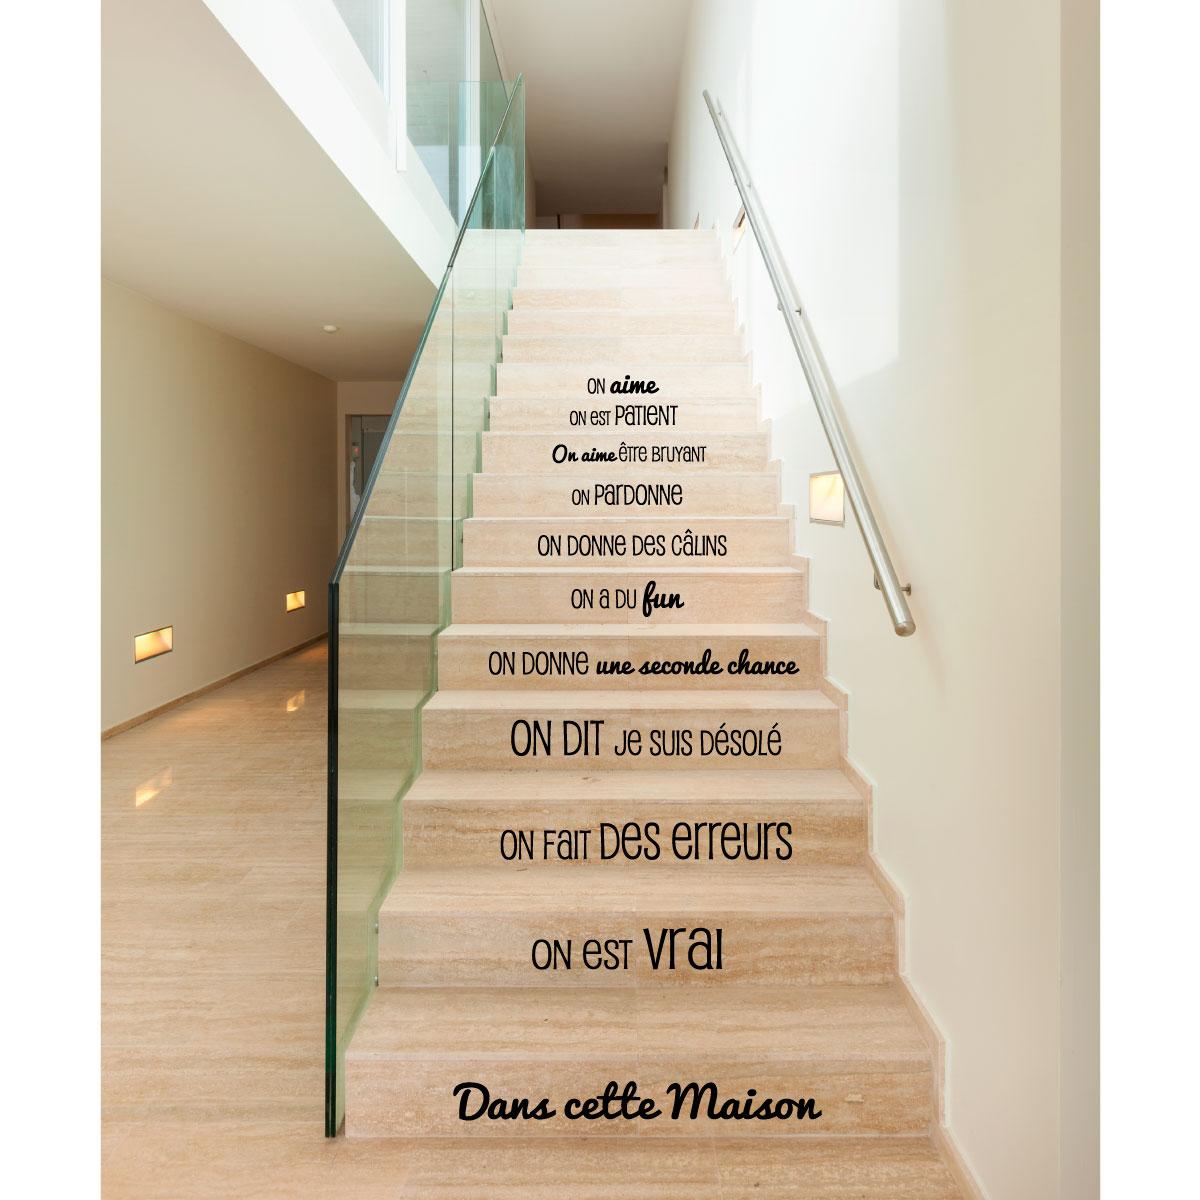 sticker dans cette maison design stickers citations. Black Bedroom Furniture Sets. Home Design Ideas